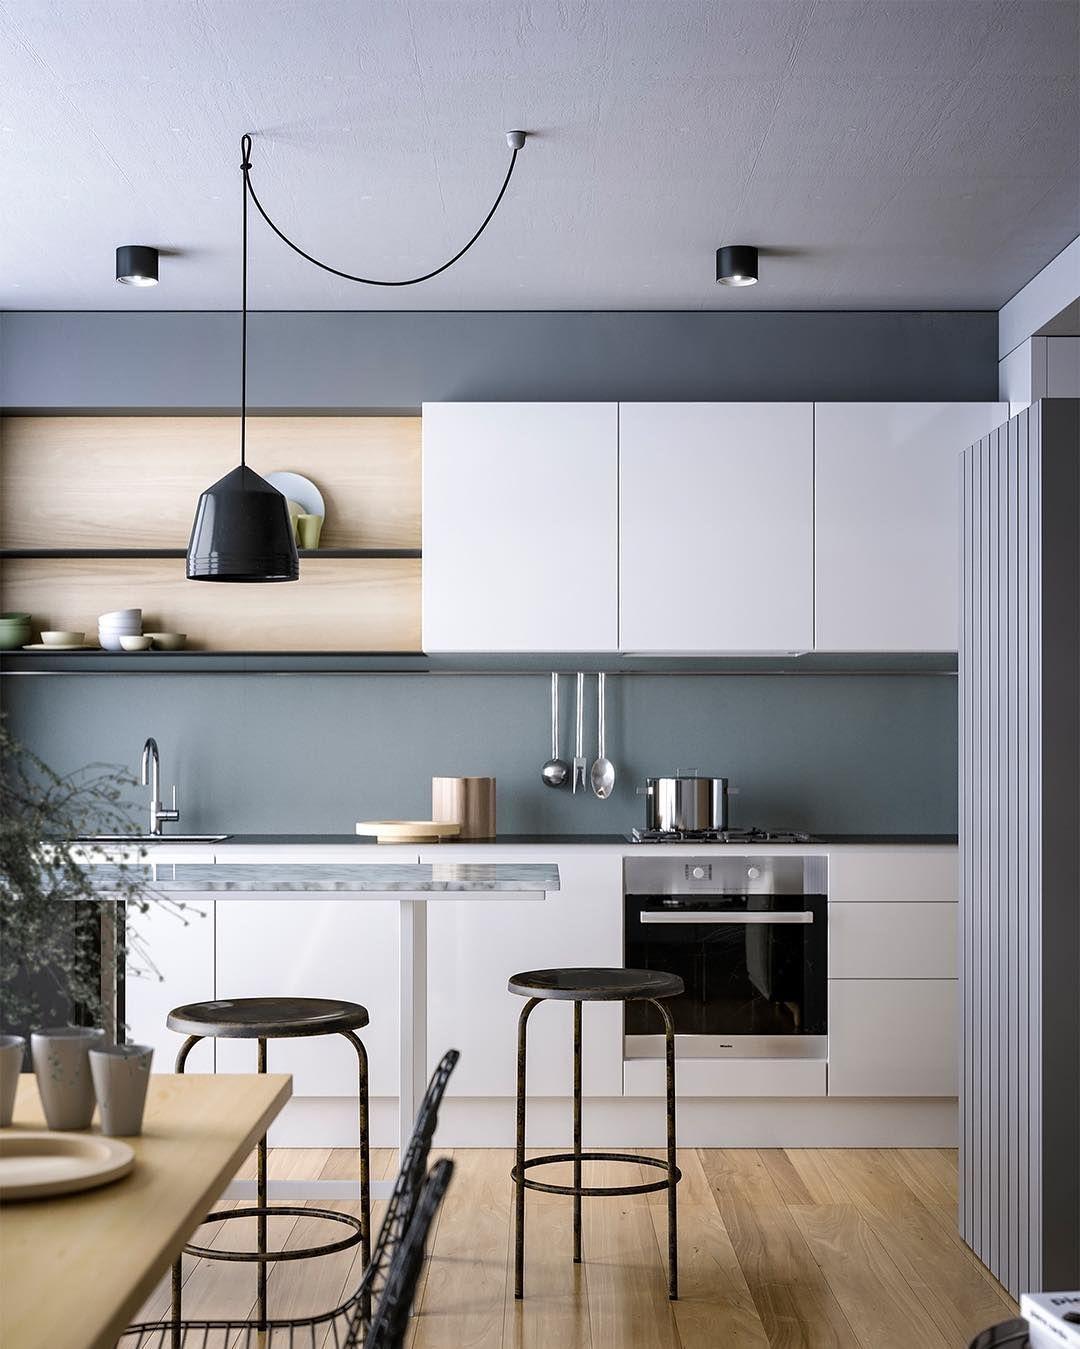 Super Farbe für die Küche | Wohnideen Küche | Pinterest | Die küche ...